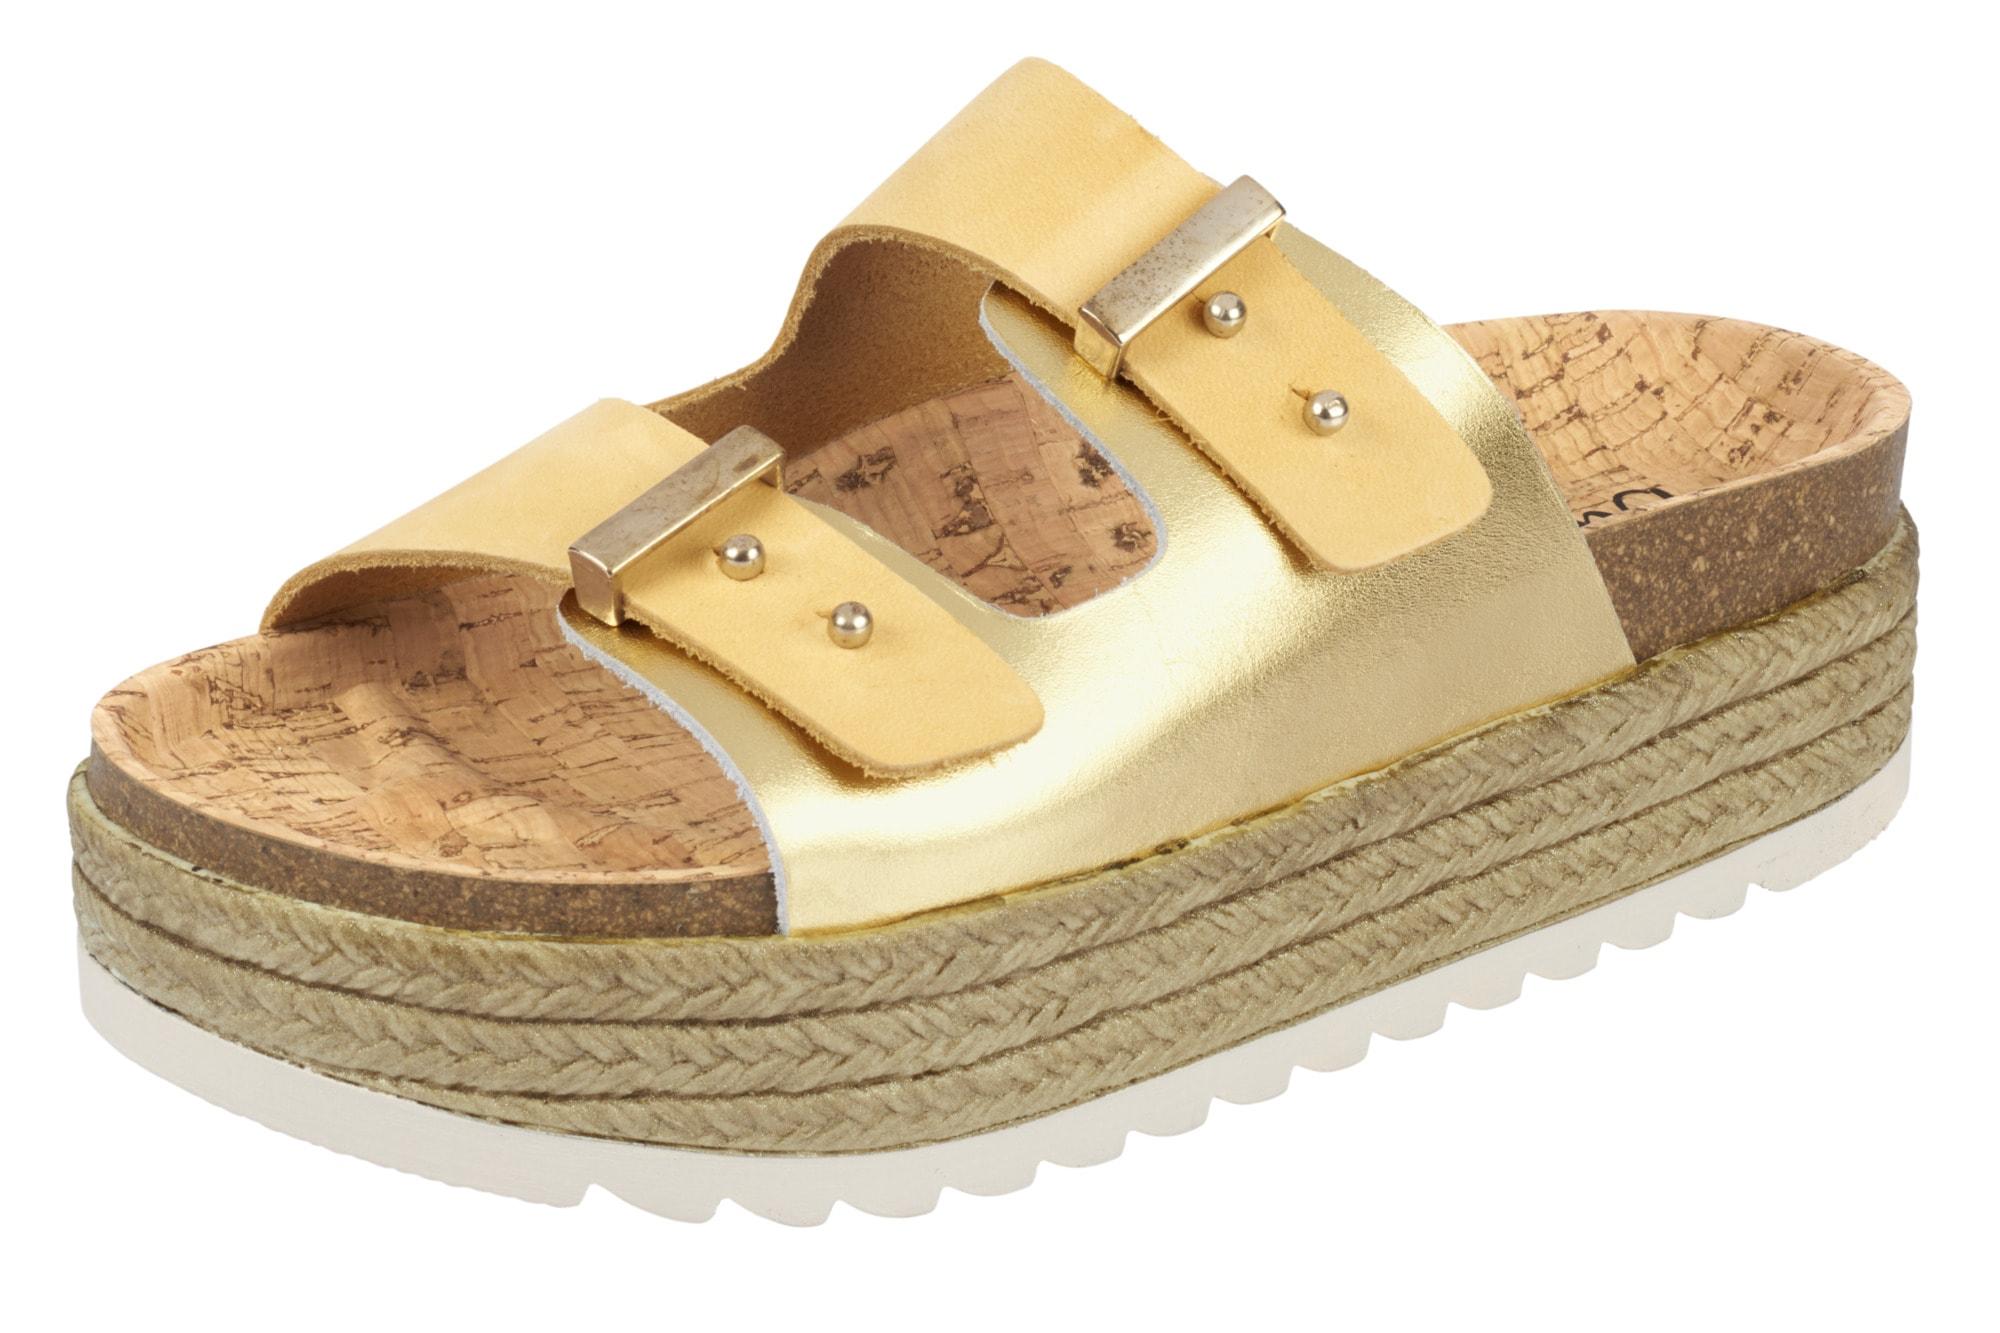 BIOSTEP Pantolette mit Kork-Fußbett für Damen bei - sich,Boutique2732 Gutes Preis-Leistungs-Verhältnis, es lohnt sich,Boutique2732 - 2fde15